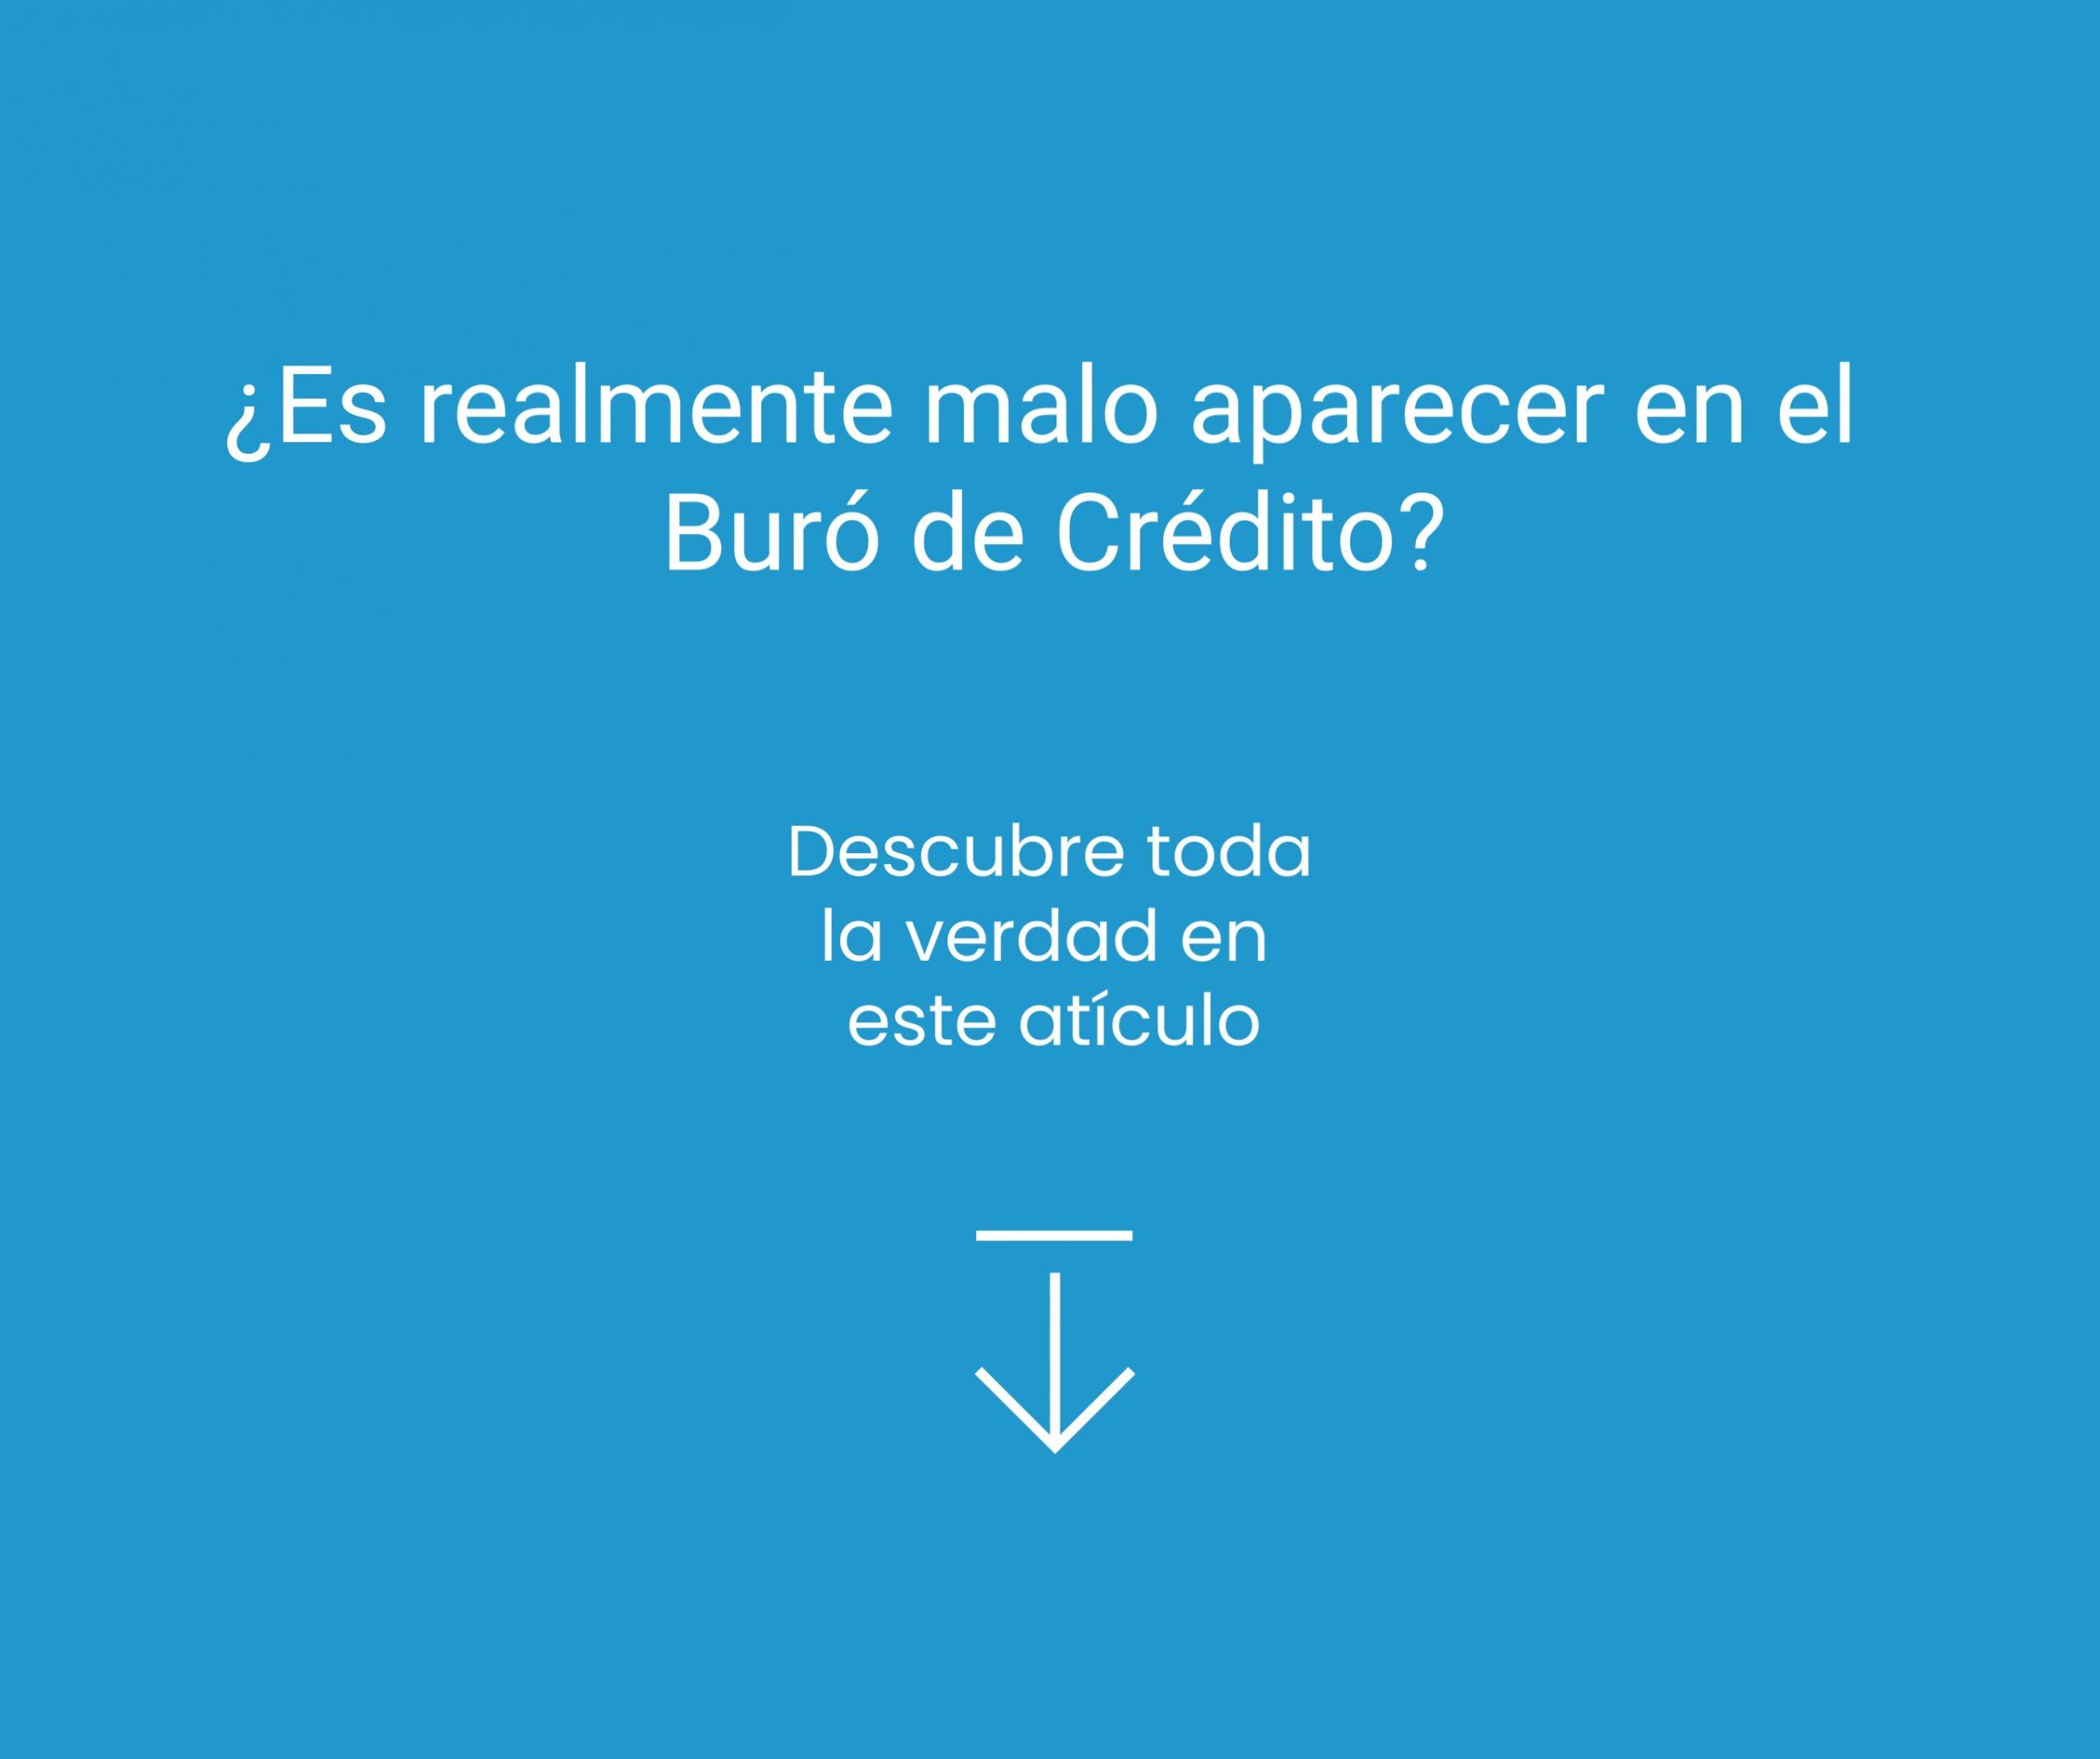 consecuencias de estar en Buró de Crédito